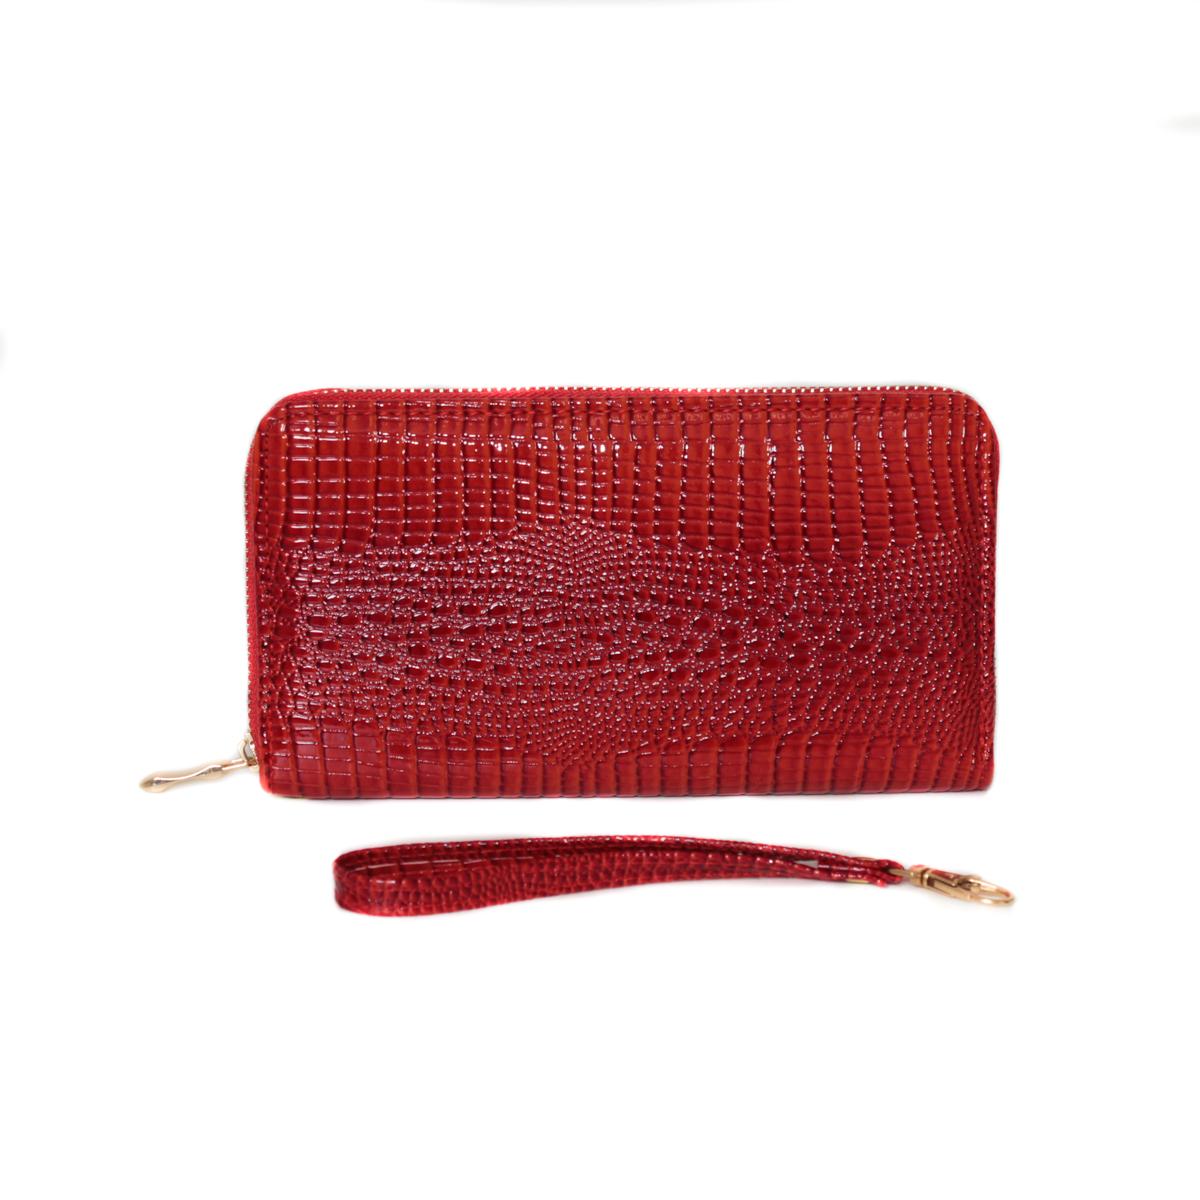 Кошелек женский Leighton, цвет: красный. 0005308700053087Закрывается на молнию. Внутри два отделения для купюр, одно отделение на молнии. Имеются карманы для карточек и визиток.